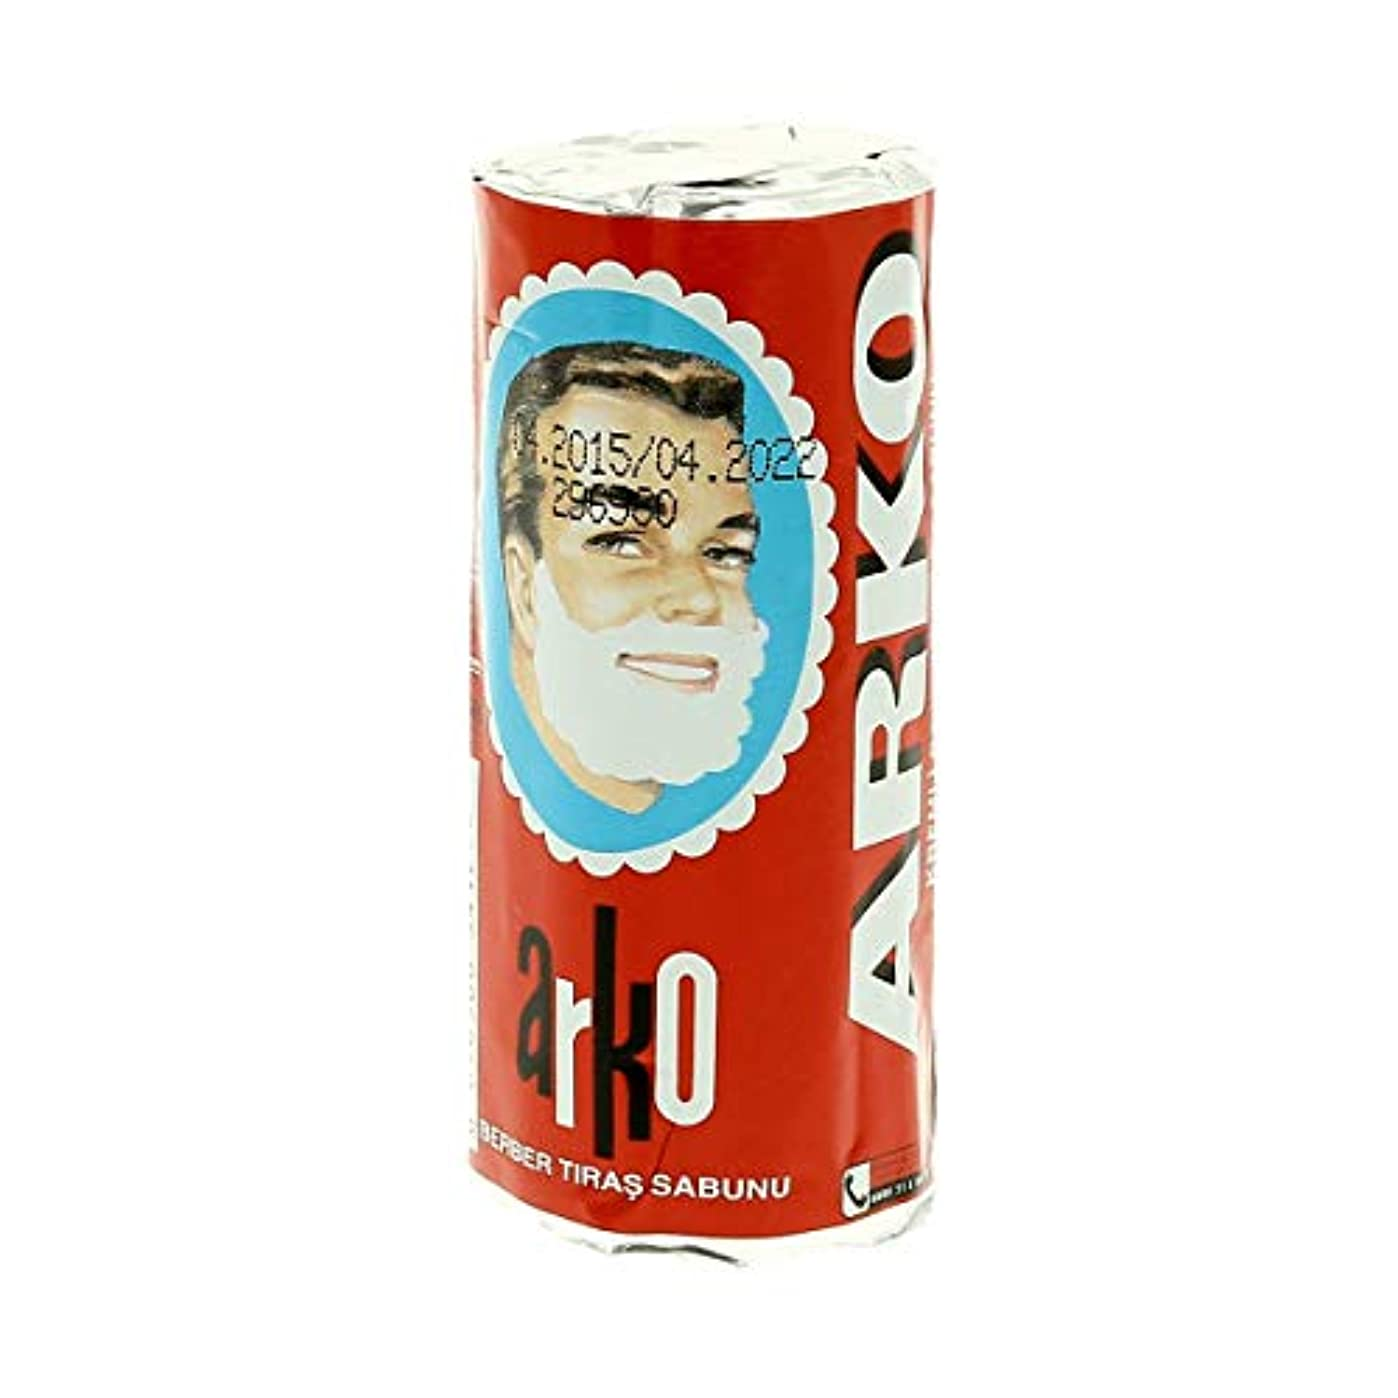 生じる吸い込むかごArko アルコ シェービングクリームソープスティック75g[海外直送品]Arko Shaving Cream Soap Stick 75g [並行輸入品]